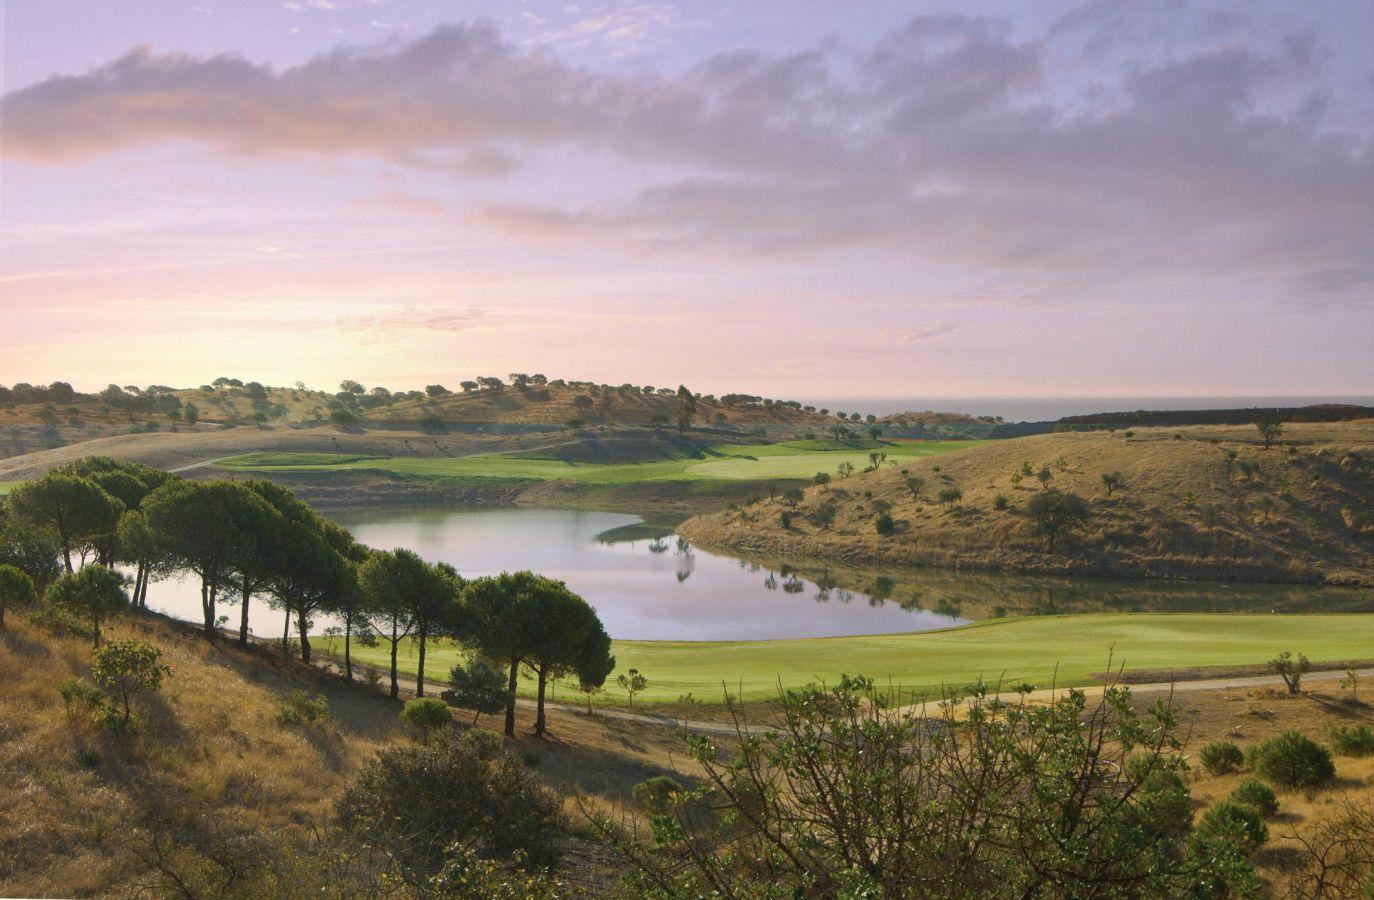 monte-rei-golf-course-1